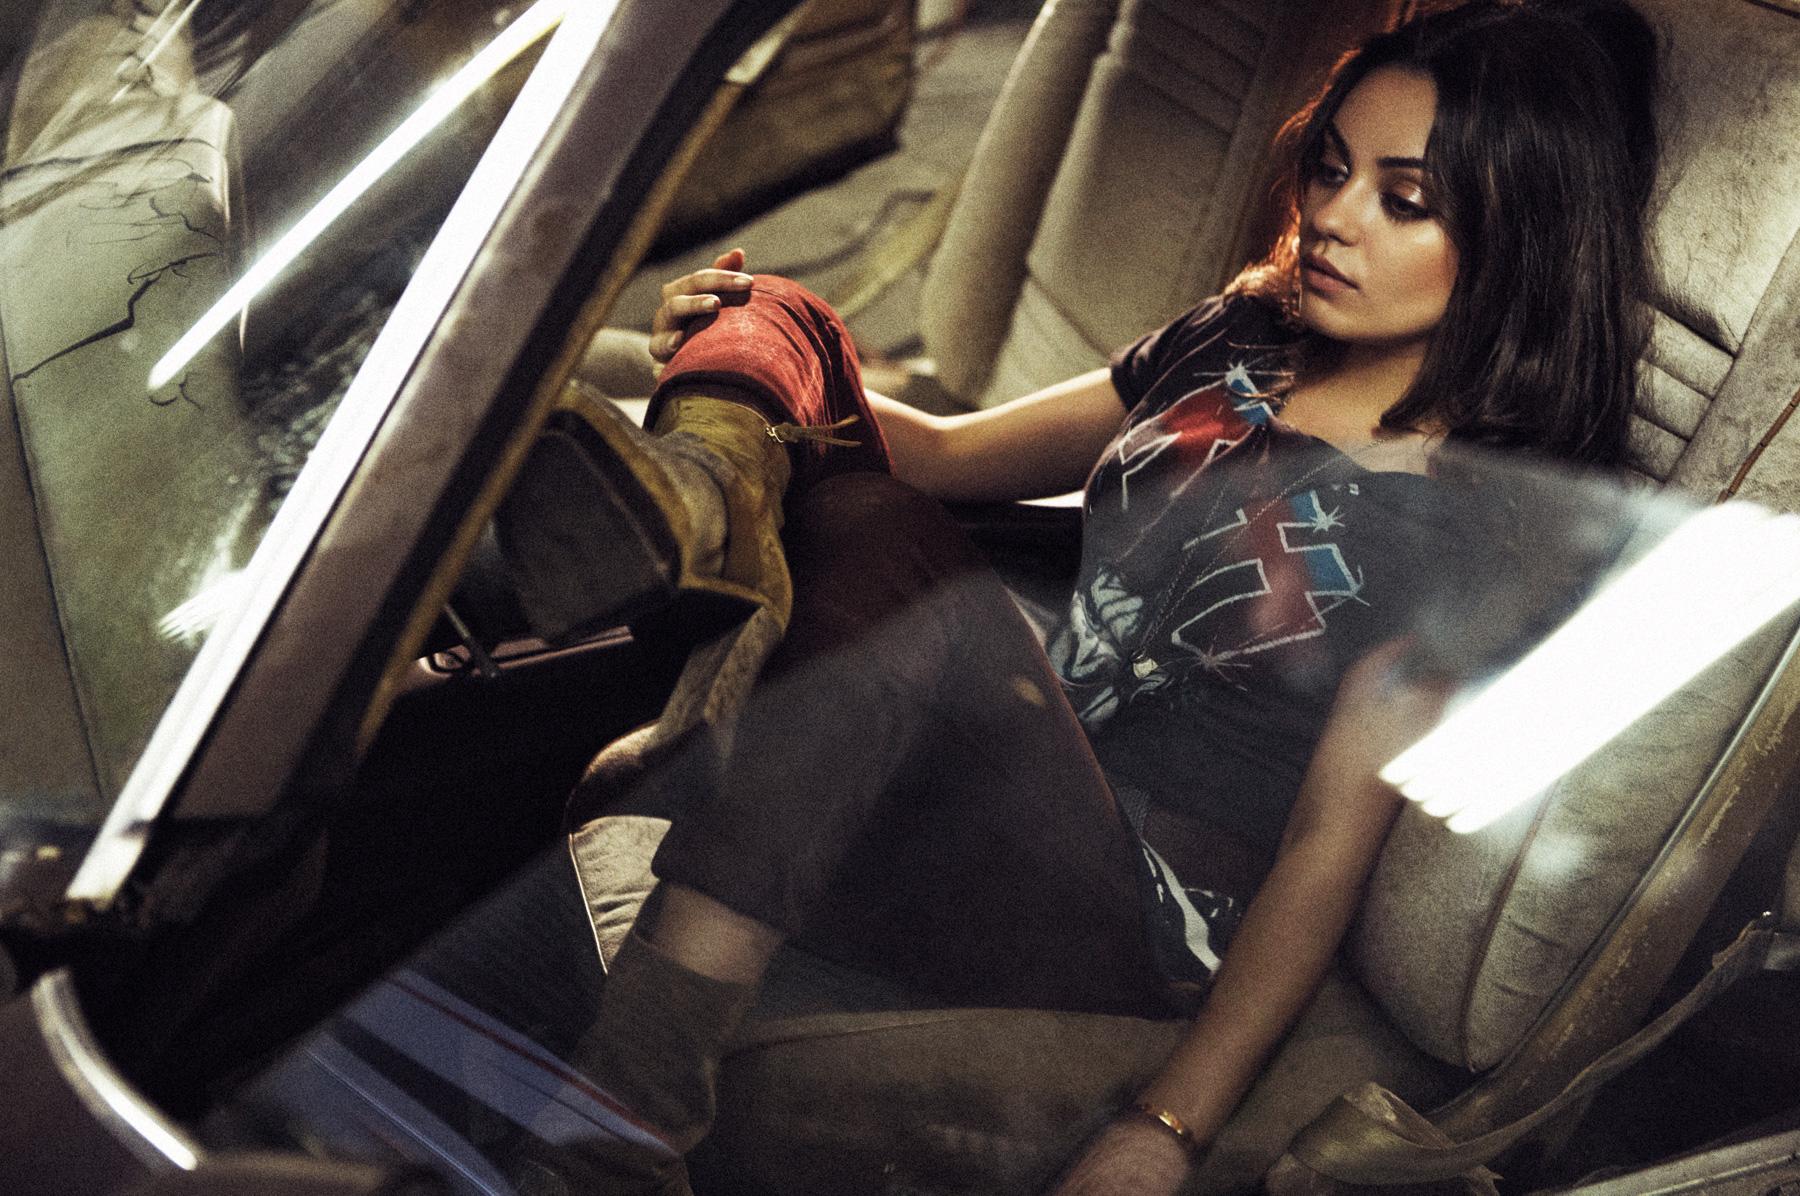 Mila Kunis Beim Interview Magazine 5 Bilder Blog Part 9223372036854775807